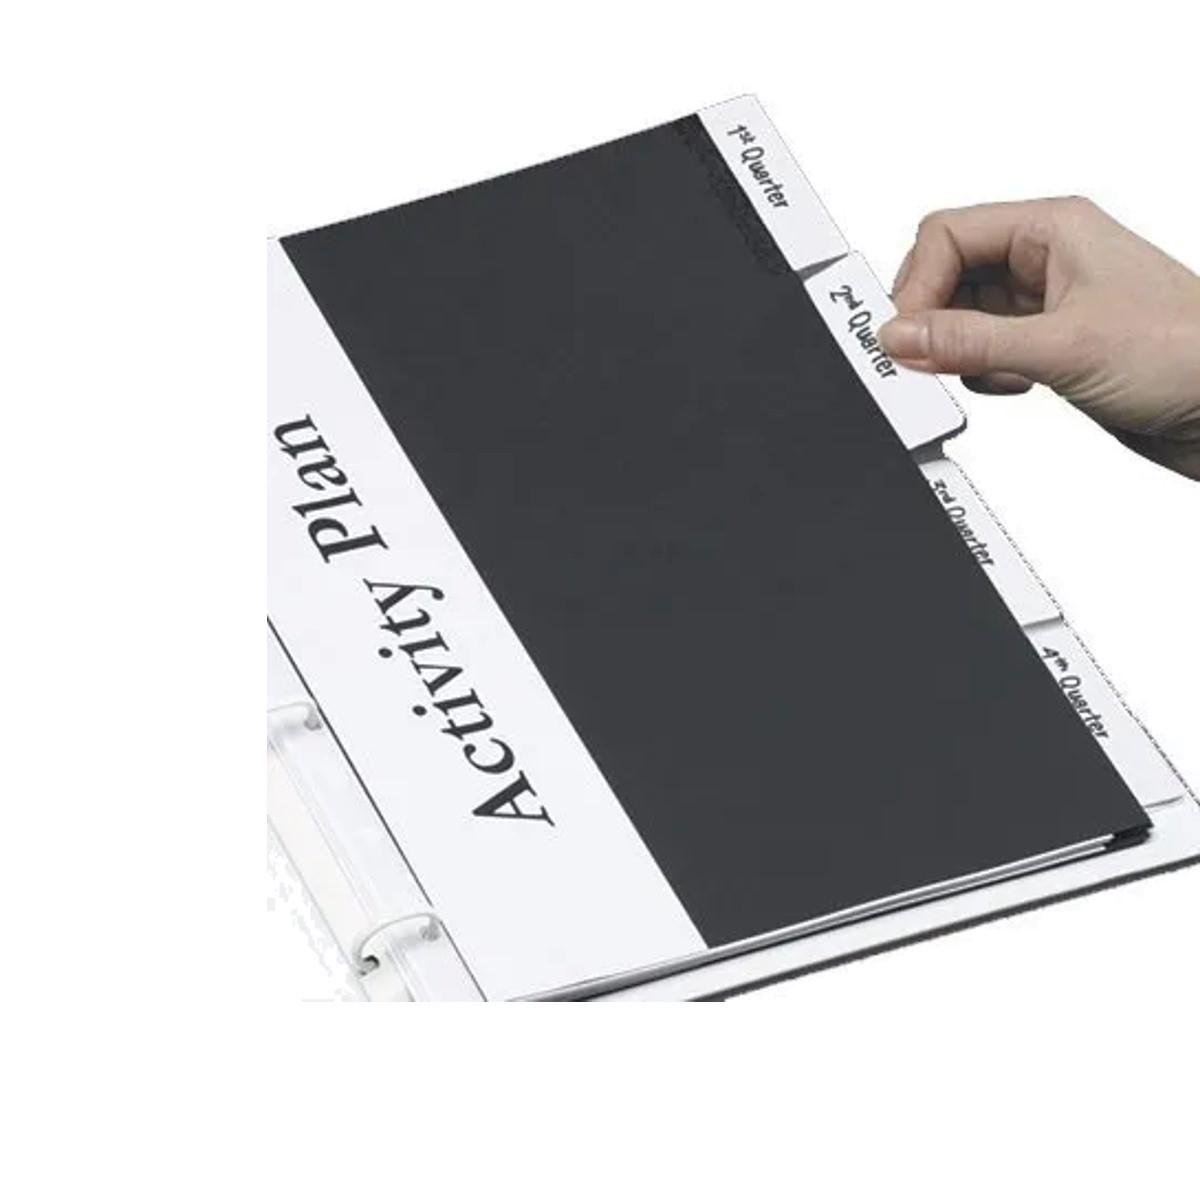 Marcador Páginas Index Tabs Fluorescente Caixa 10 Blisters